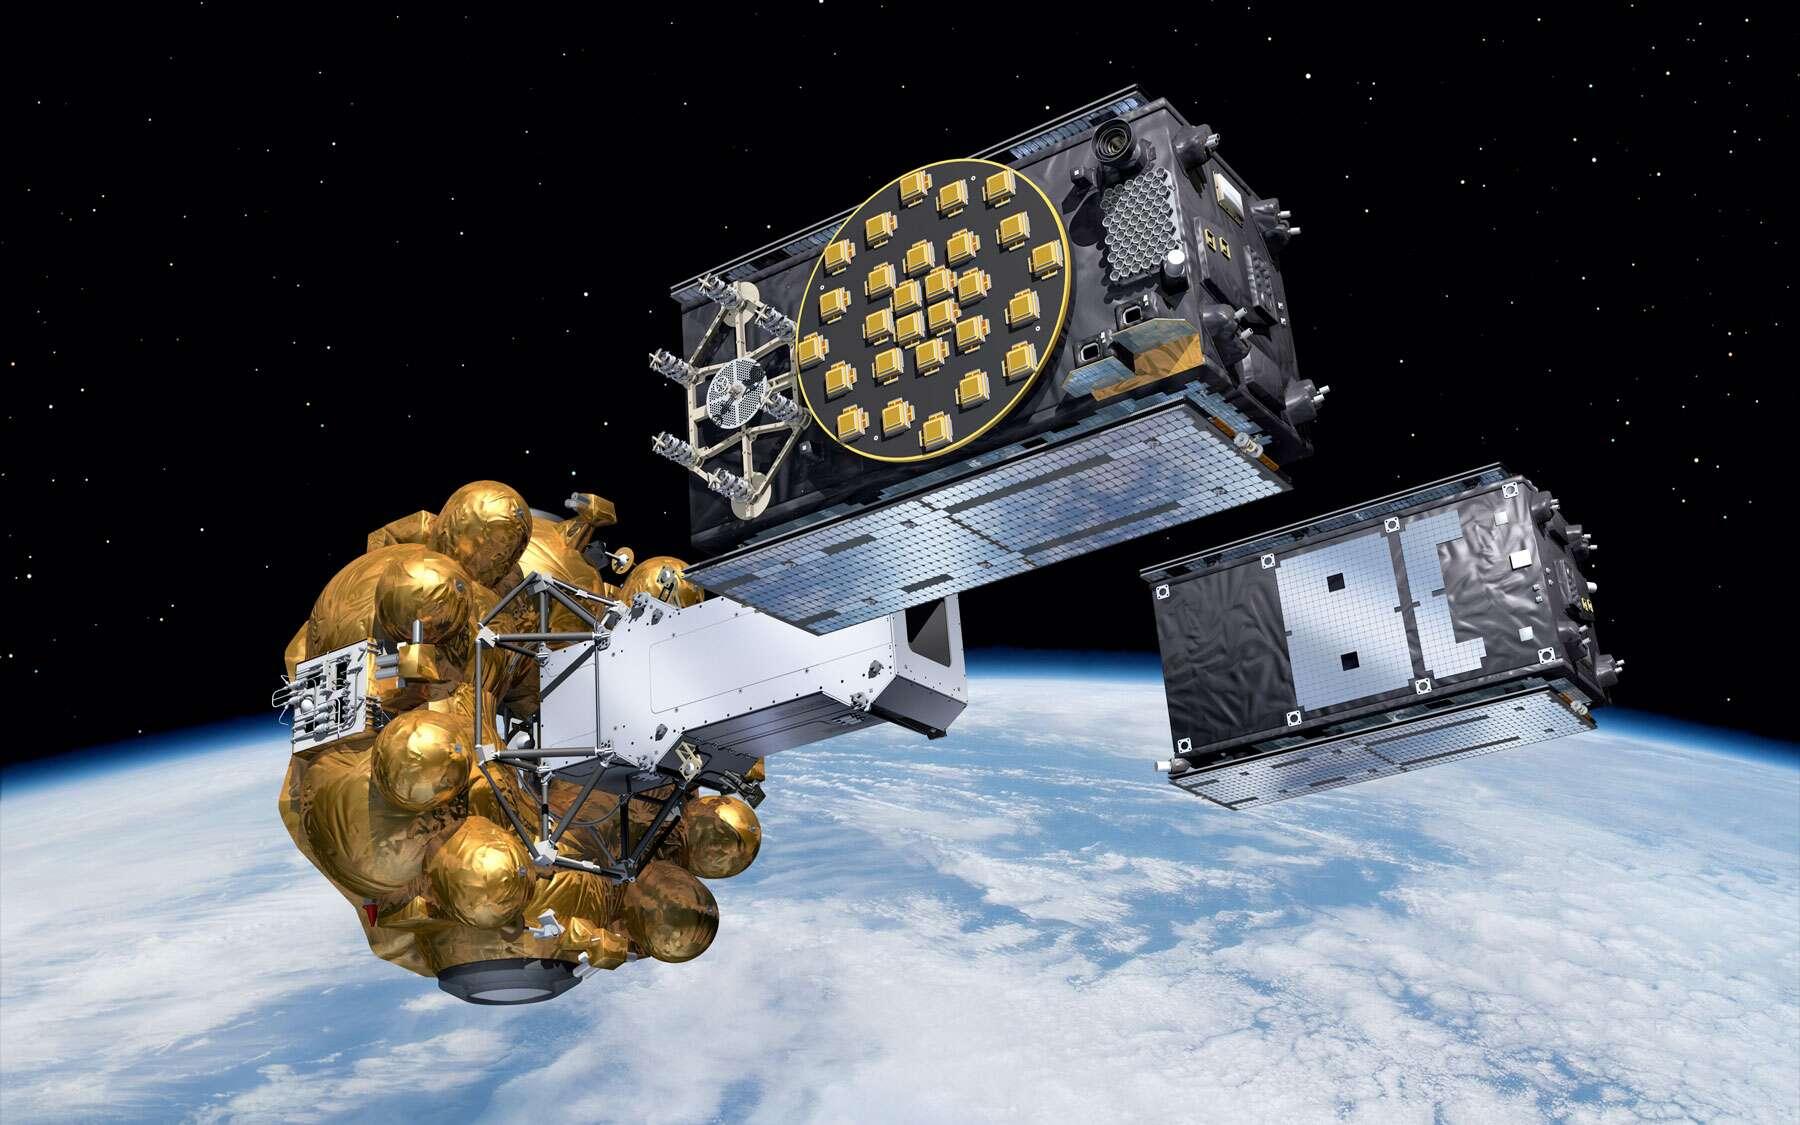 L'étage Fregat est bien à l'origine de l'échec de la mise en orbite des deux satellites Galileo. En cause, une partie du carburant qui aurait gelé en plein vol. © Esa